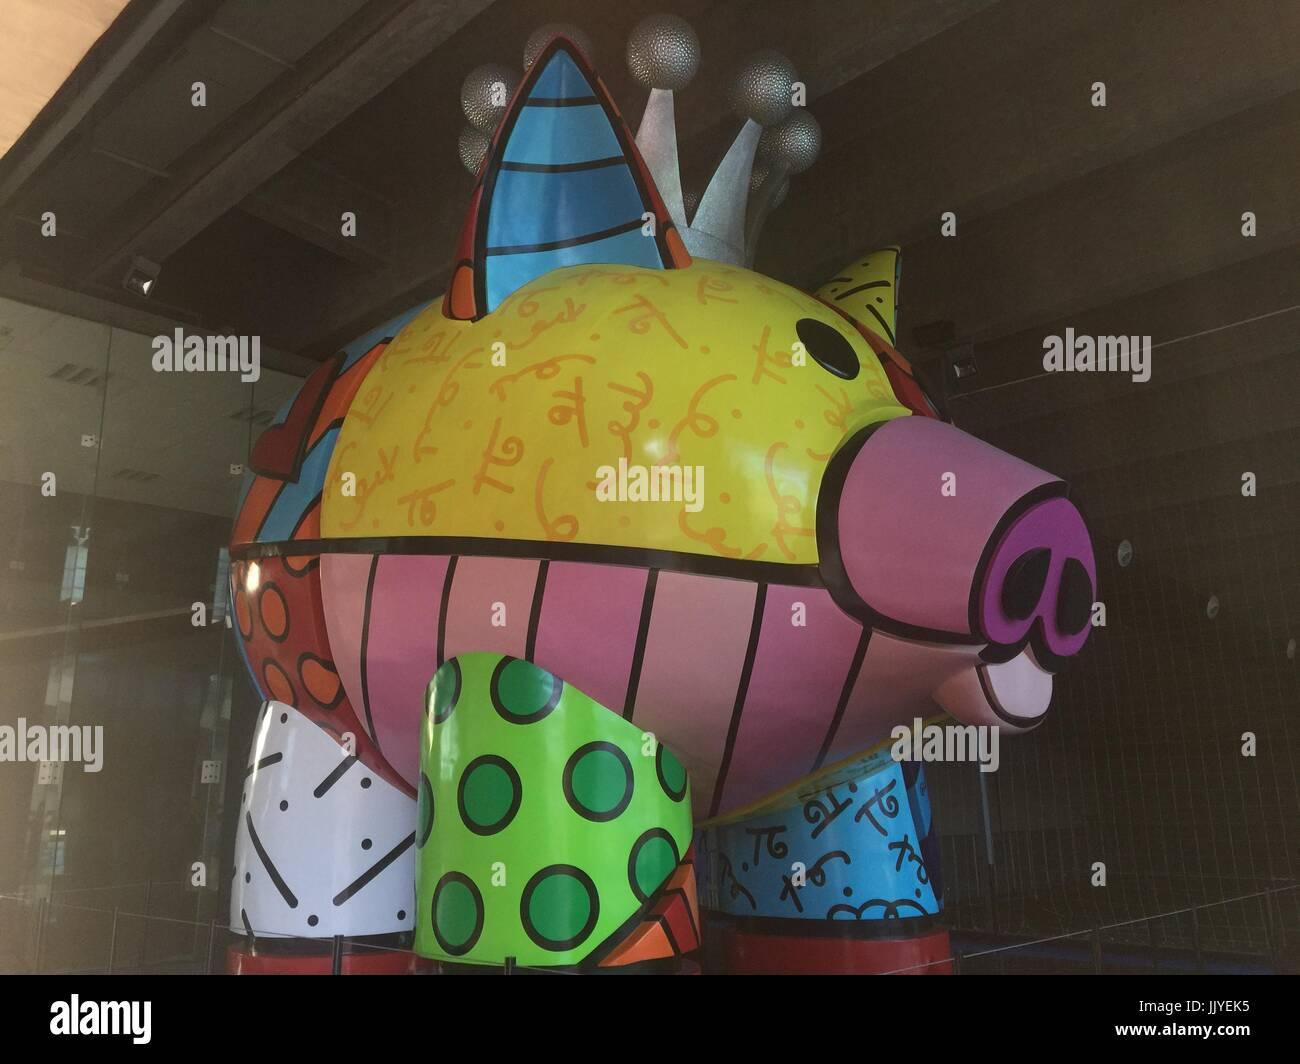 Erfreut Schwein Drahtzaun Design Bilder - Der Schaltplan - greigo.com